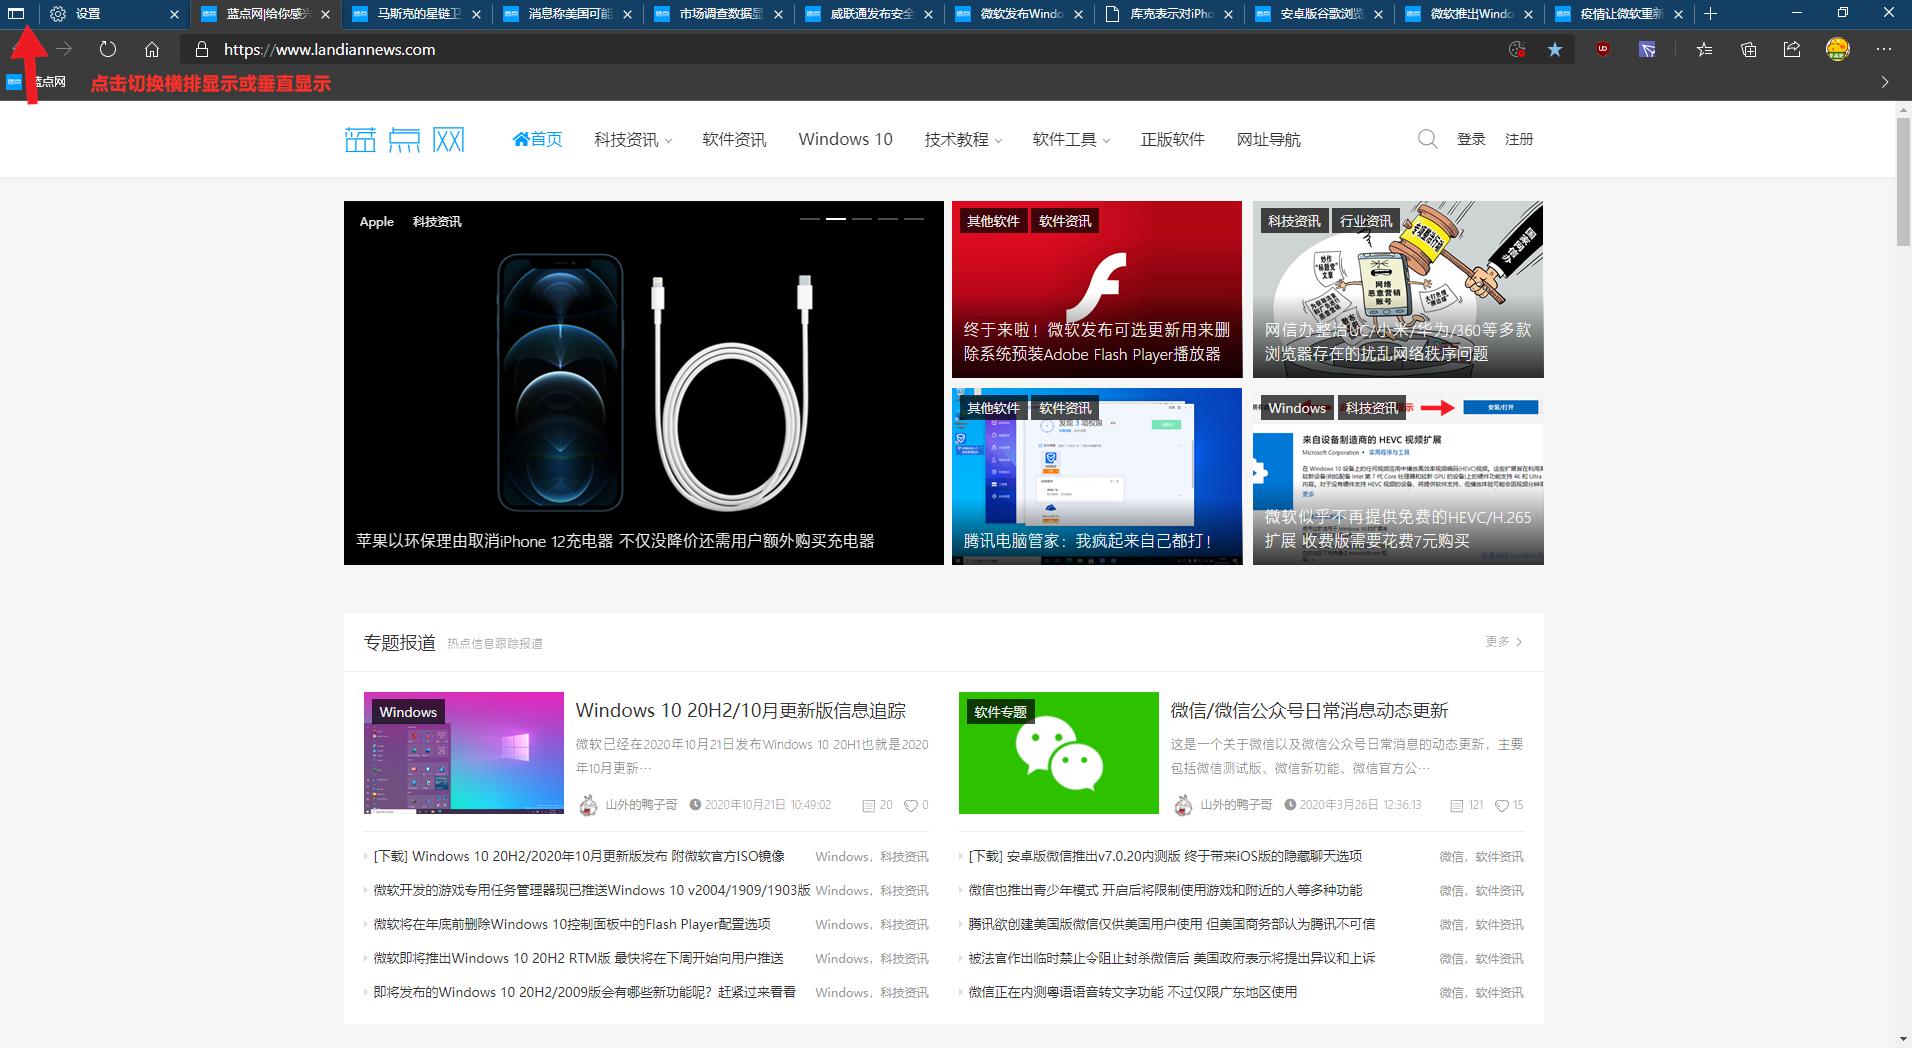 微软为Microsoft Edge浏览器带来垂直标签页功能 使用体验确实还不错